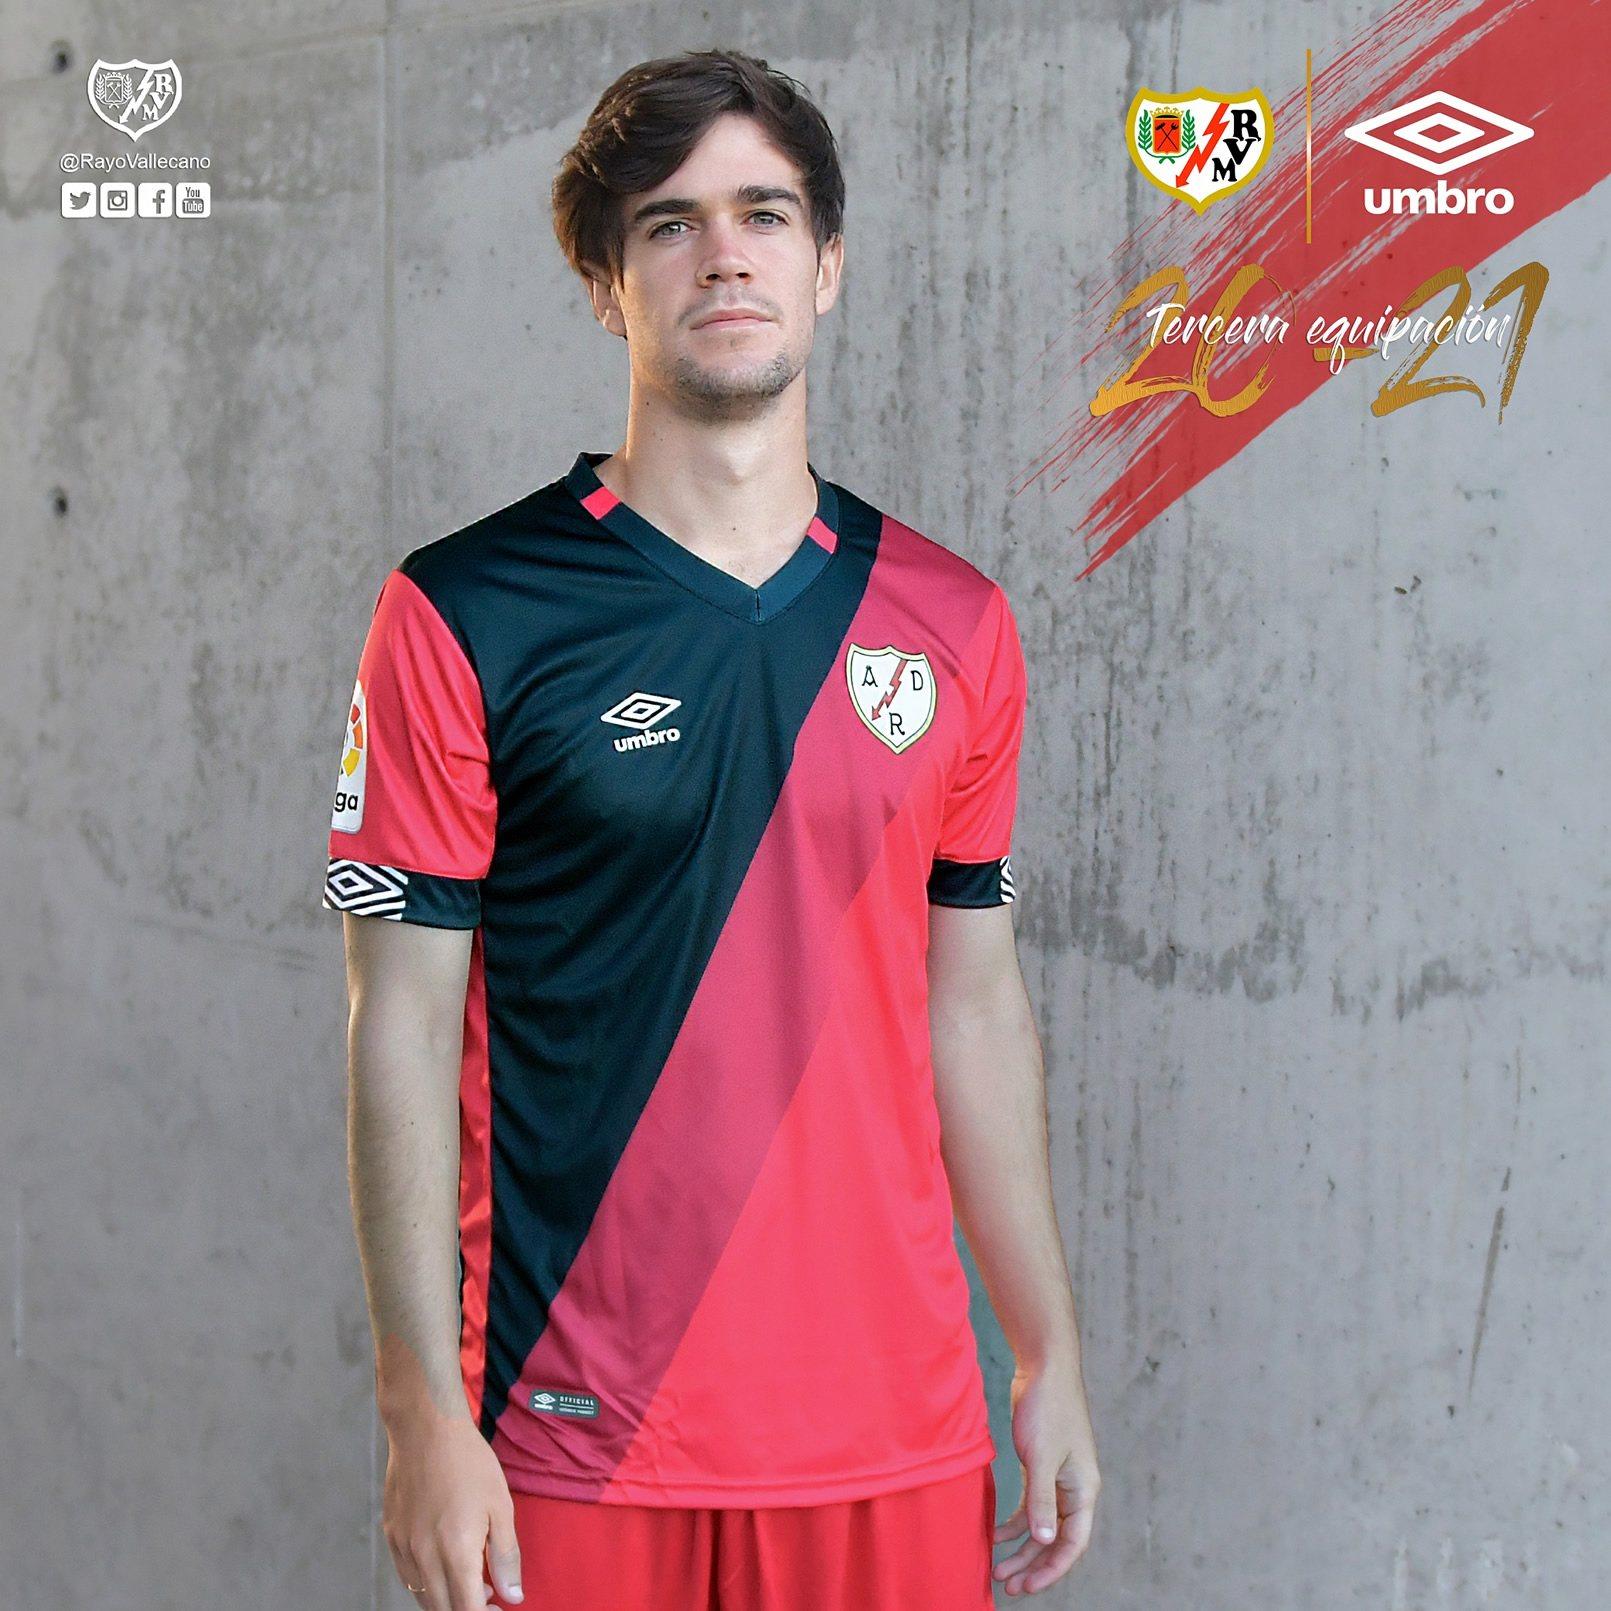 Equipaciones Umbro del Rayo Vallecano 2020/21 | Imagen Twitter Oficial